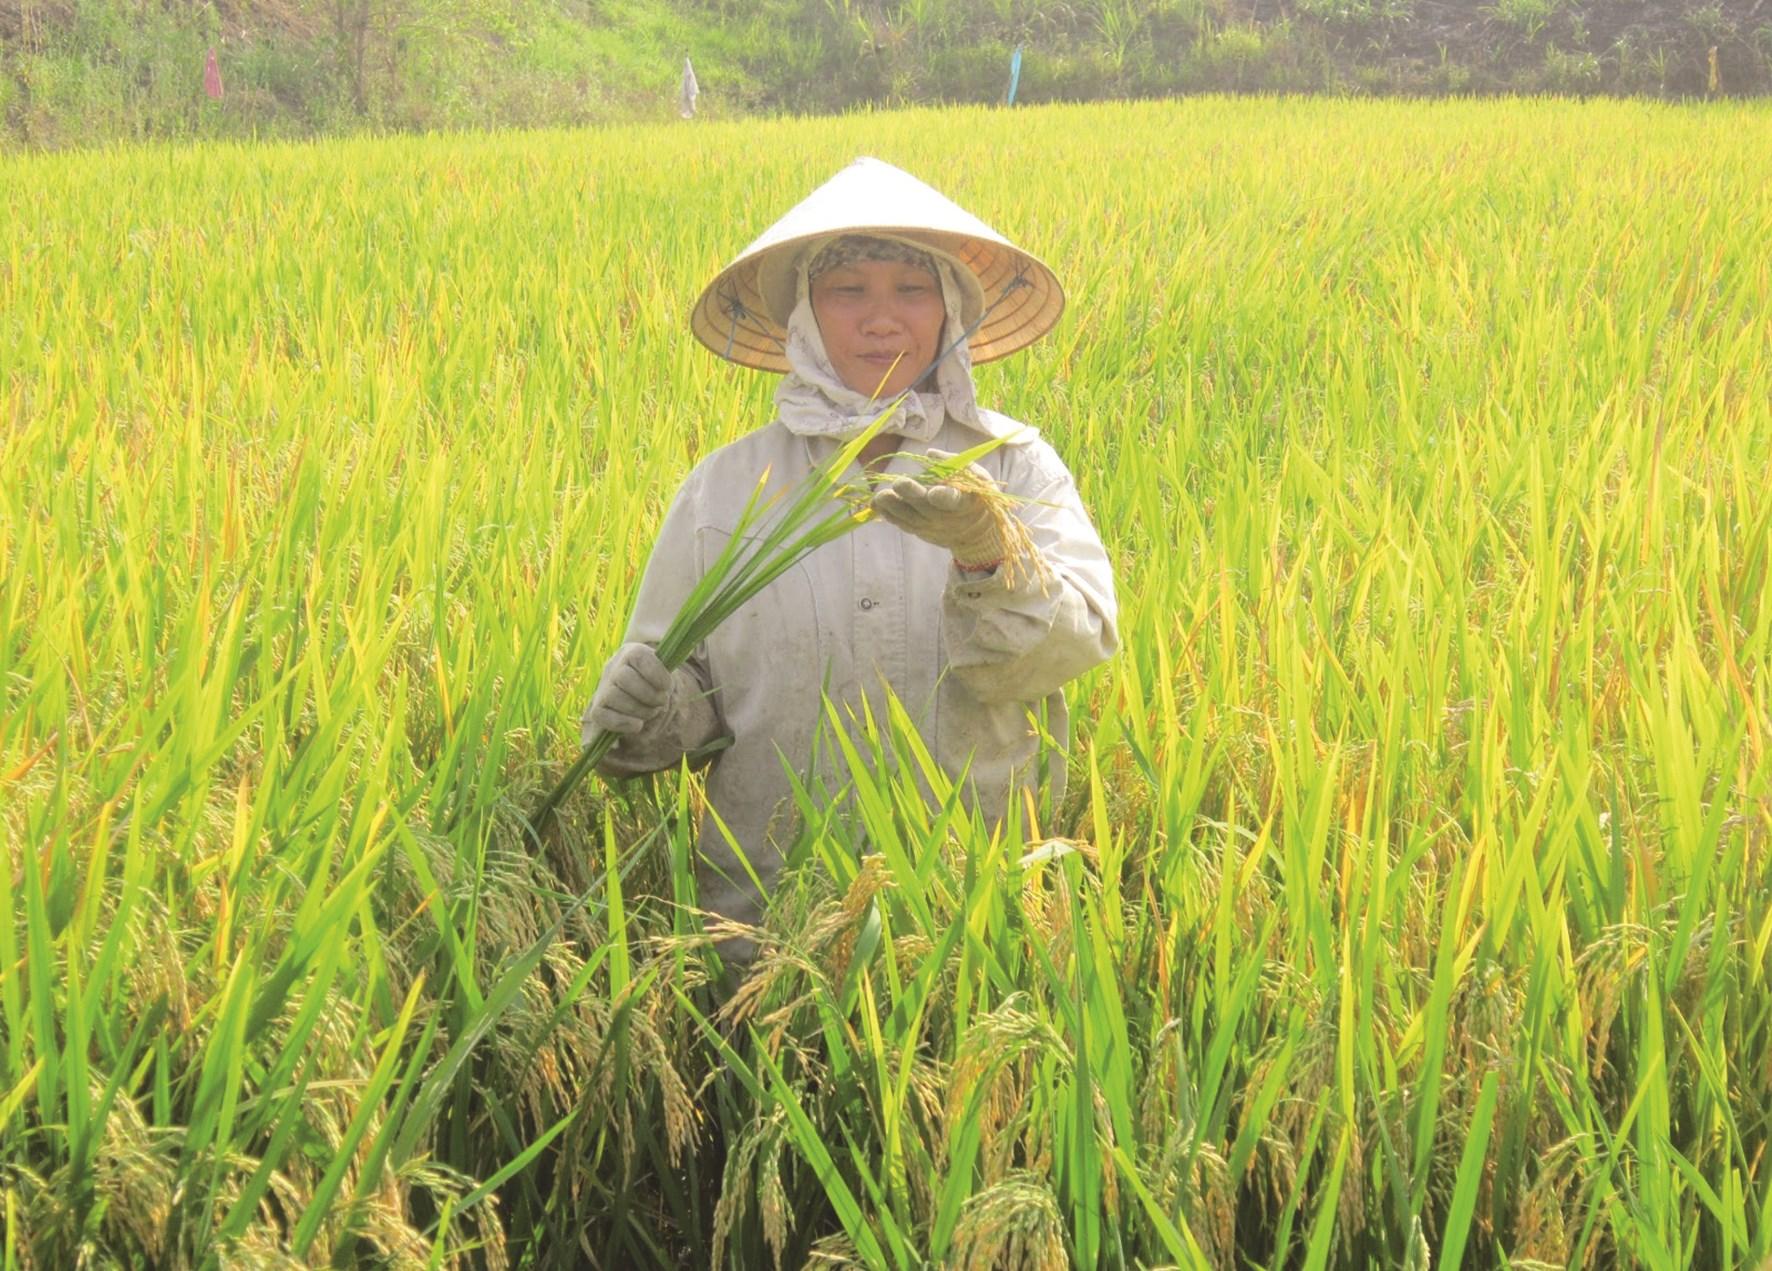 Dưới sự hướng dẫn của cán bộ khuyến nông, đồng bào DTTS ở Sông Hinh trồng lúa nước đạt năng suất cao.